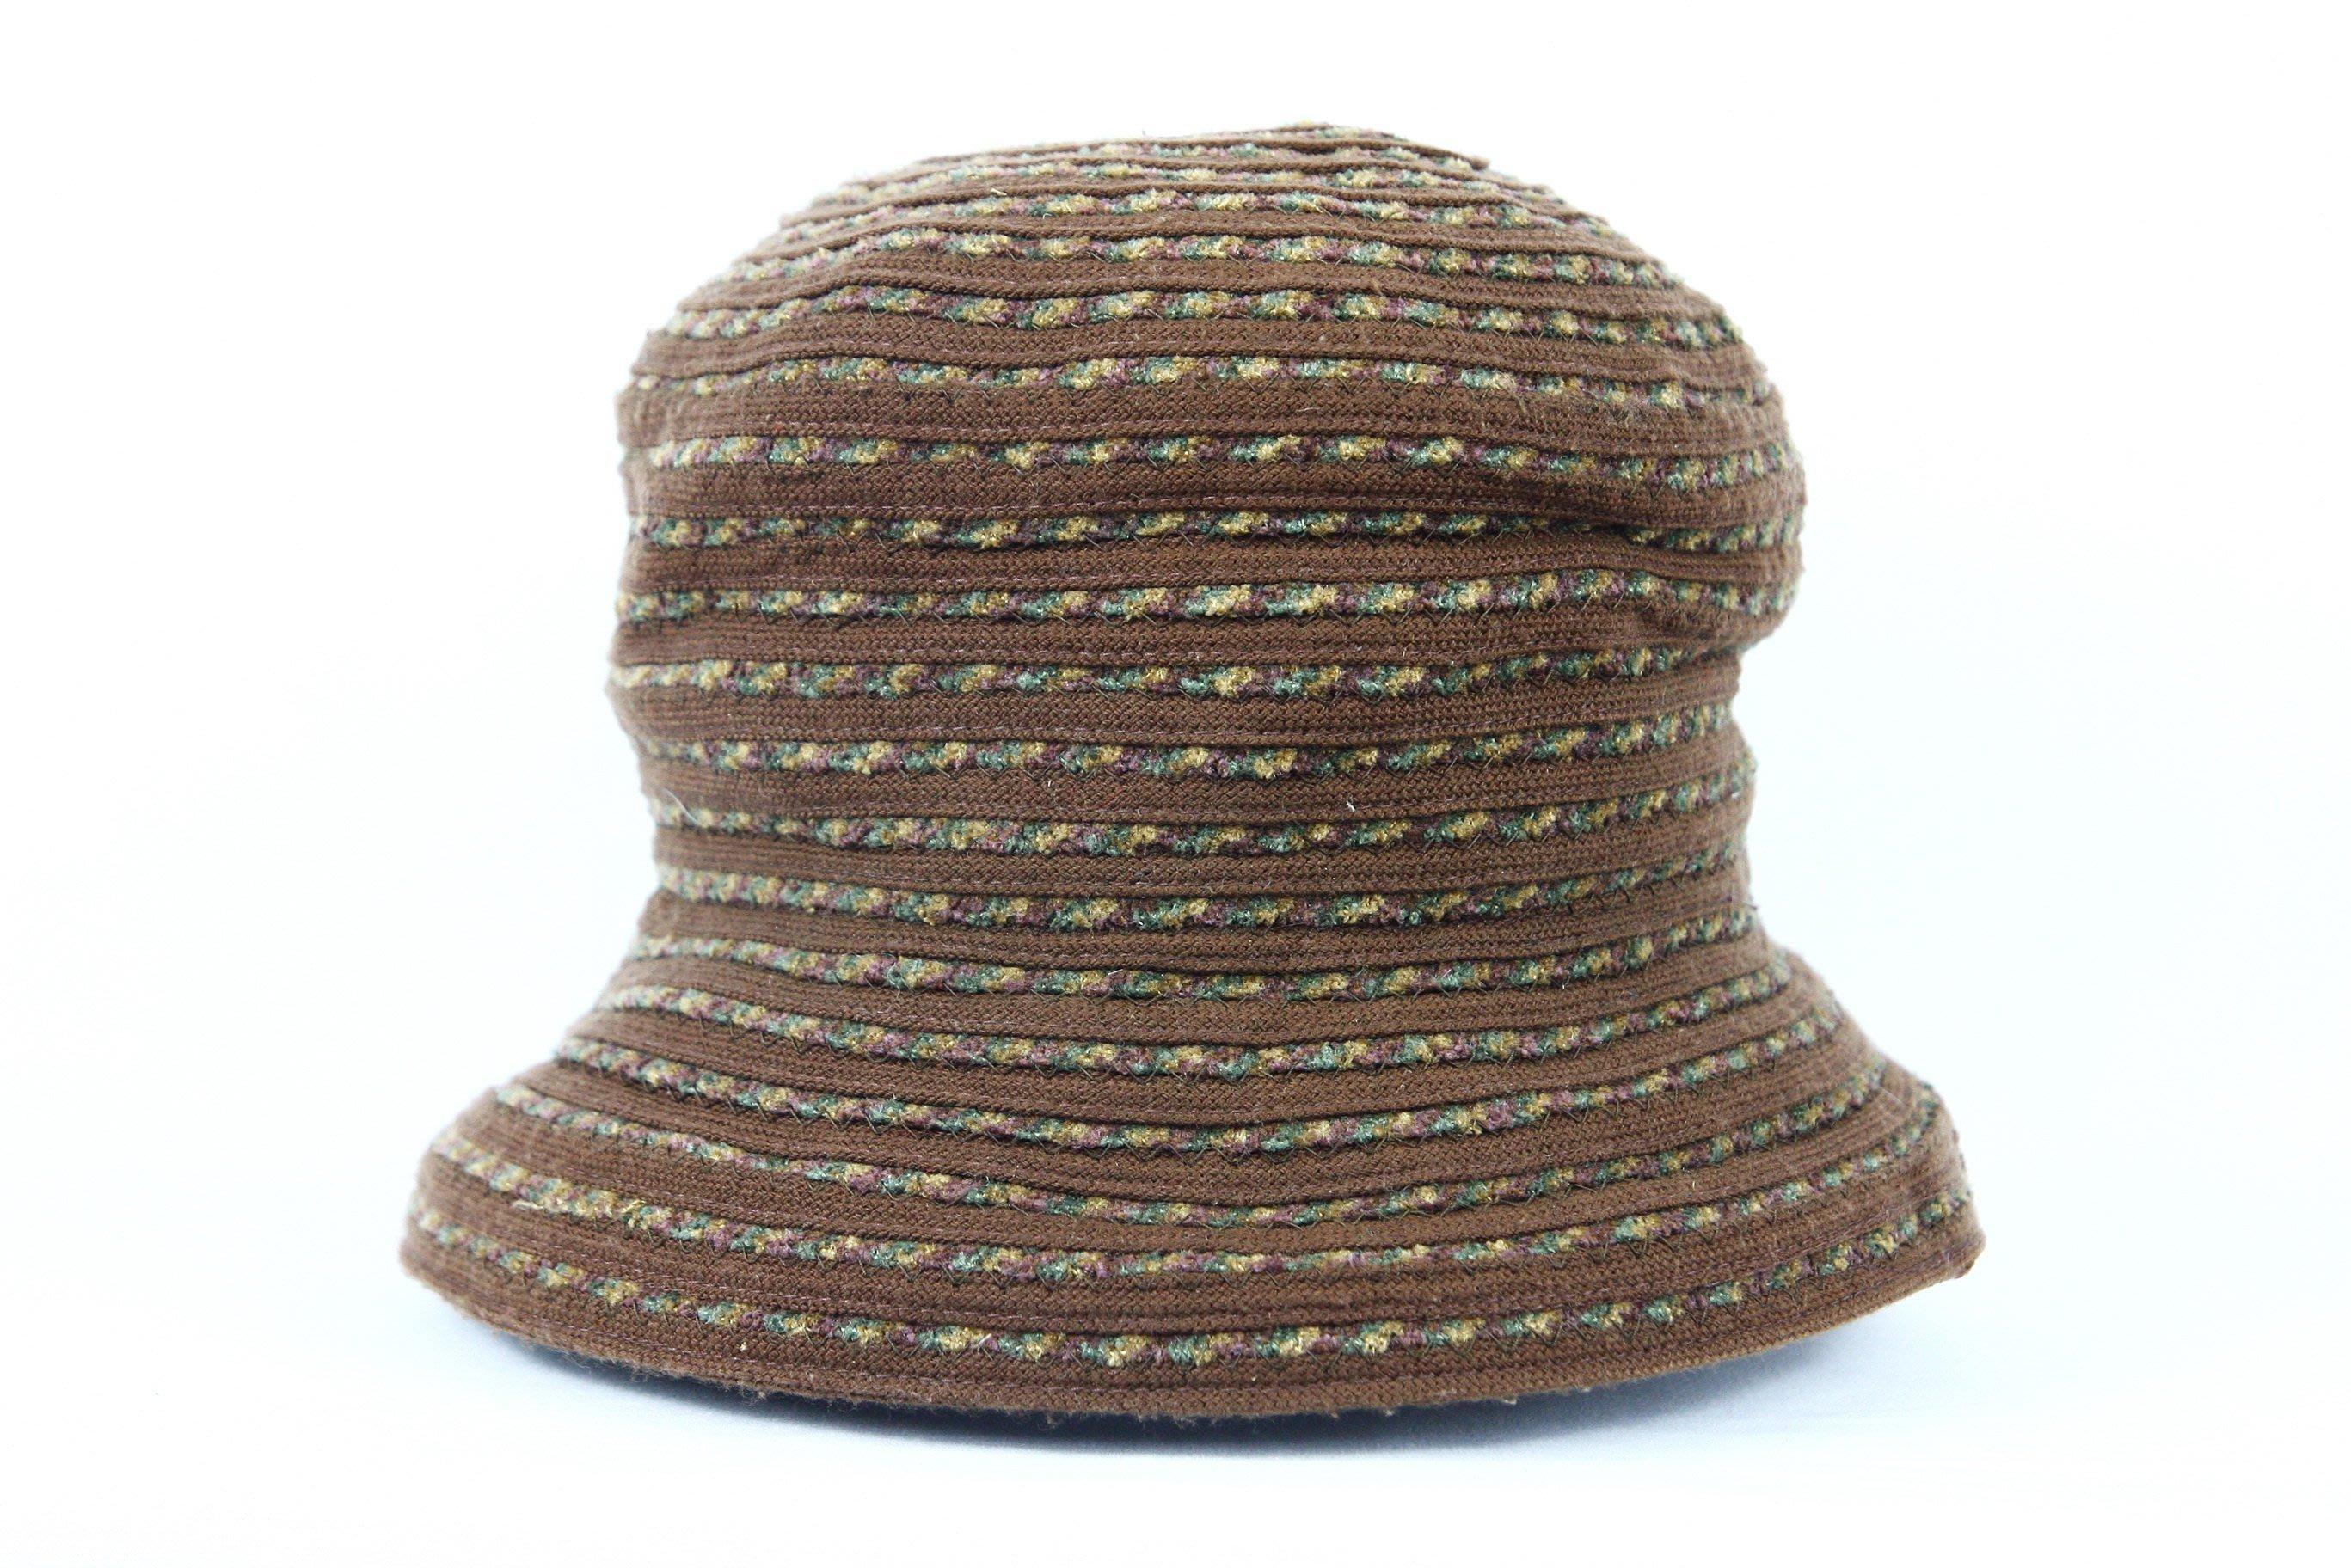 【古物箱~霹靂膠囊】日本品牌 千代田 日式 仿羊毛 禮帽 漁夫帽 (二手 古著 老件)